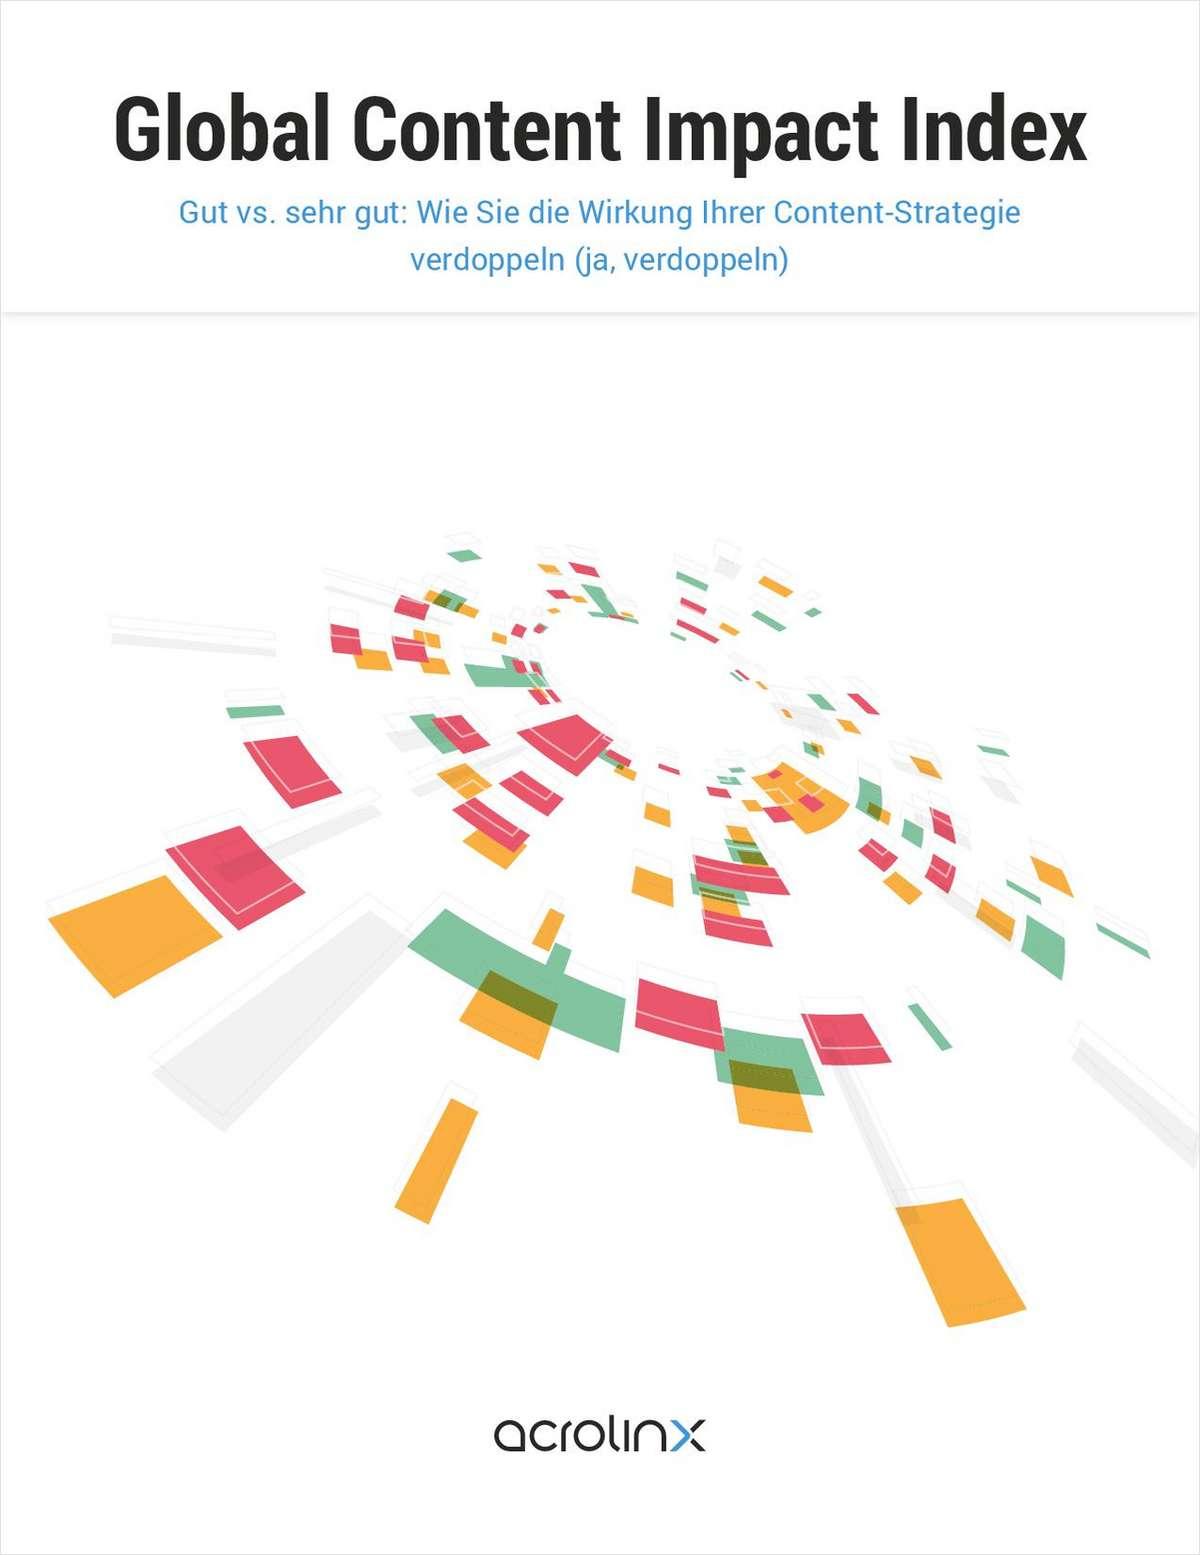 Gut vs. sehr gut:  Wie Sie die Wirkung Ihrer Content-Strategie verdoppeln (ja, verdoppeln)